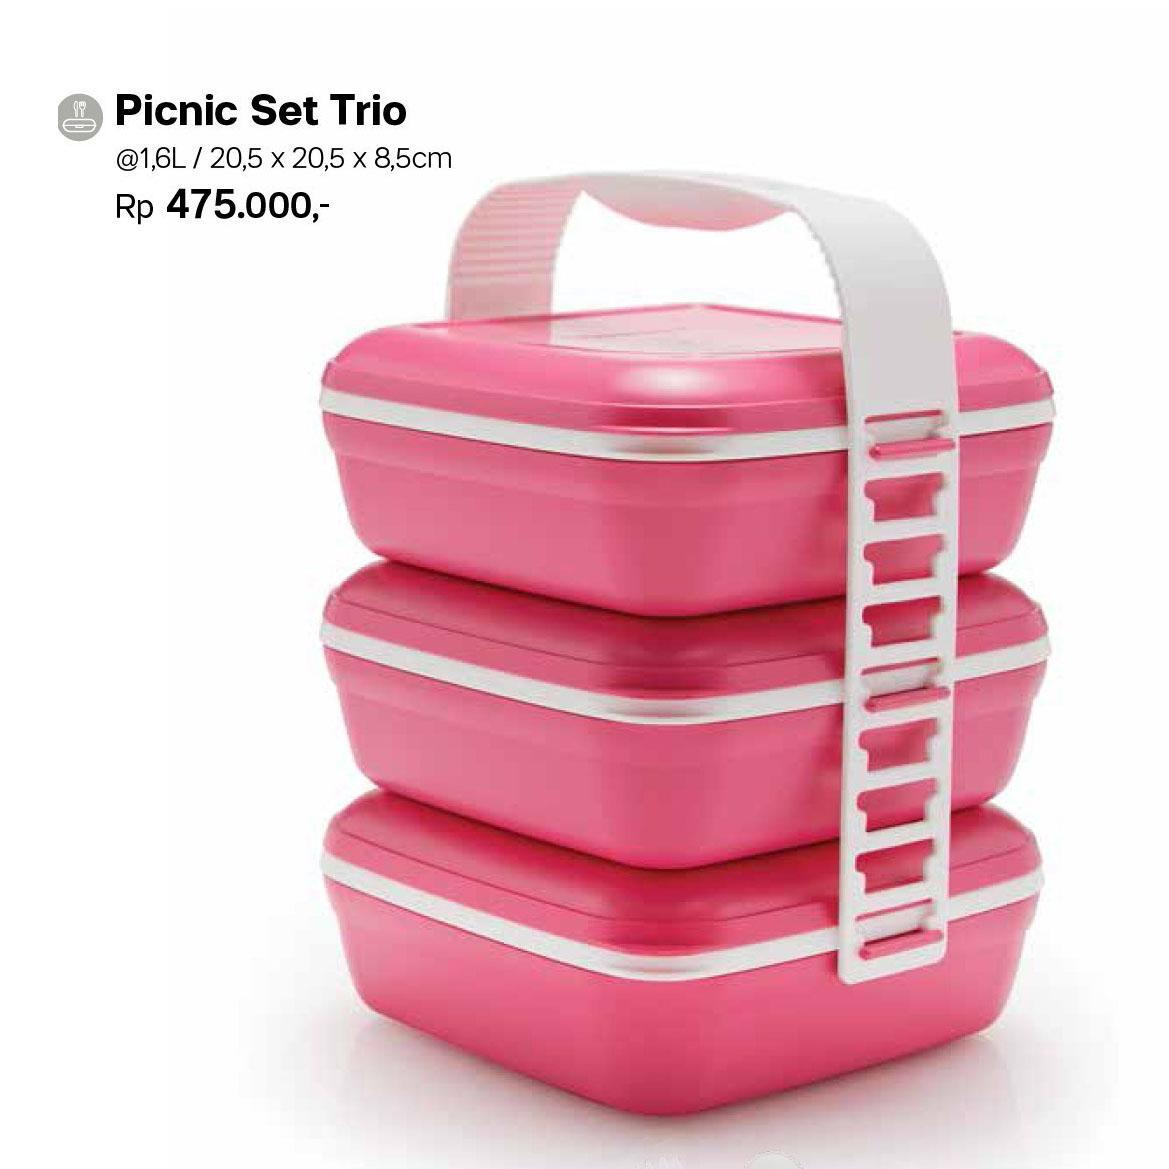 Tupperware picnic set trio new - rantang 3 susun ukuran jumbo warna pink produk tupperware